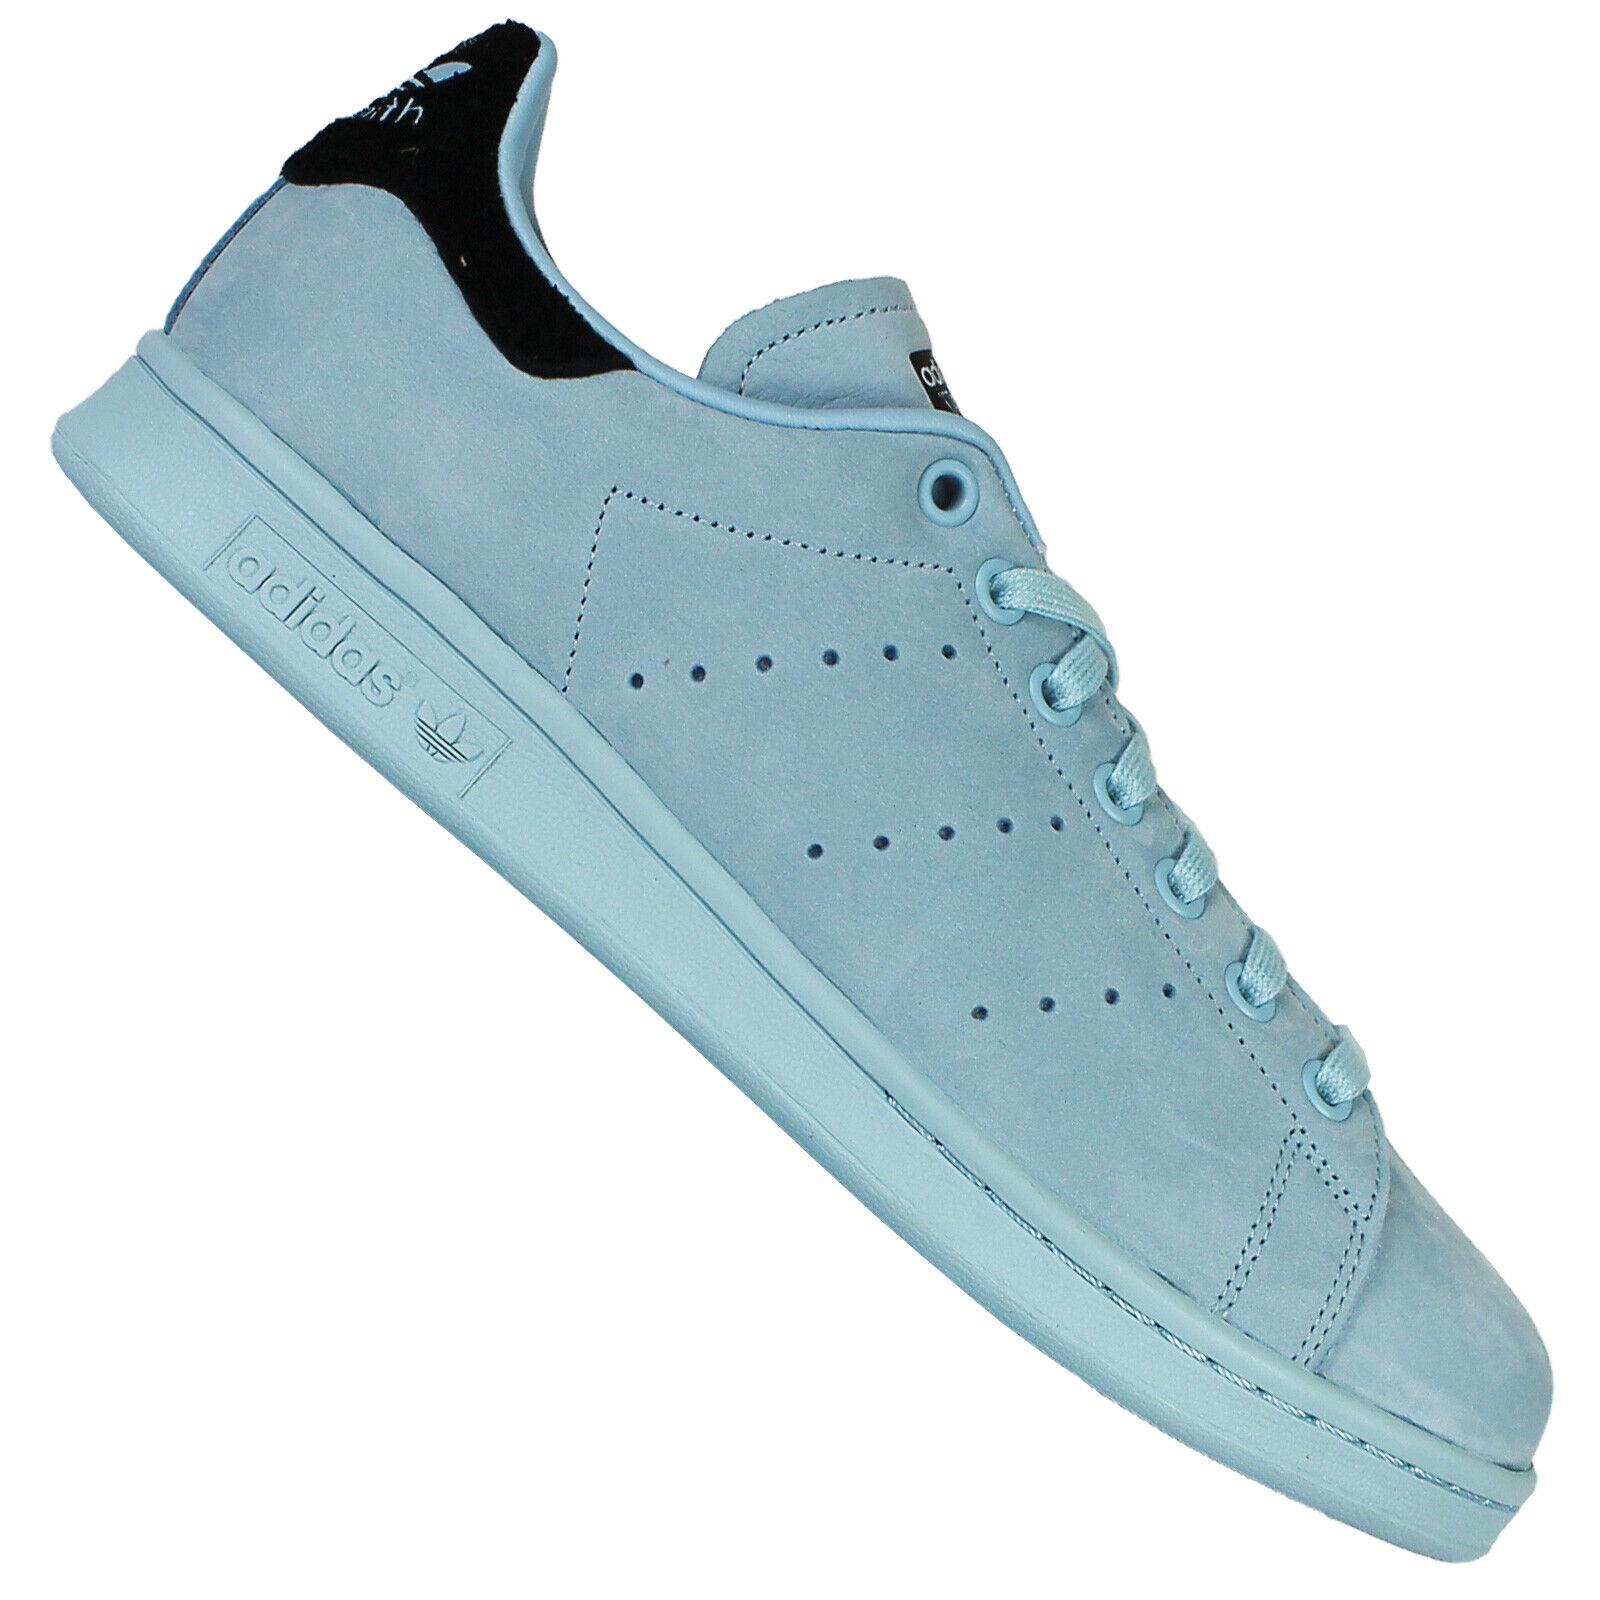 Adidas Originals Stan Smith Zapatillas Deportivas Cuero Bz0391 Azul Hielo Claro